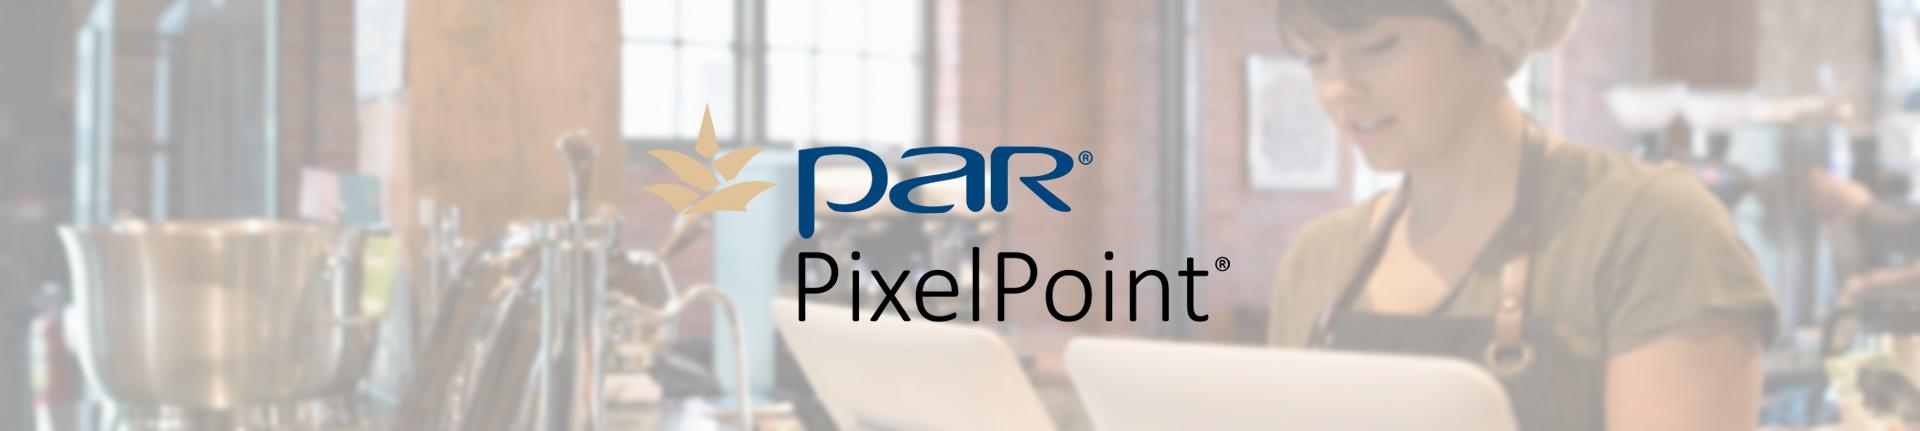 PAR PixelPoint POS Integration